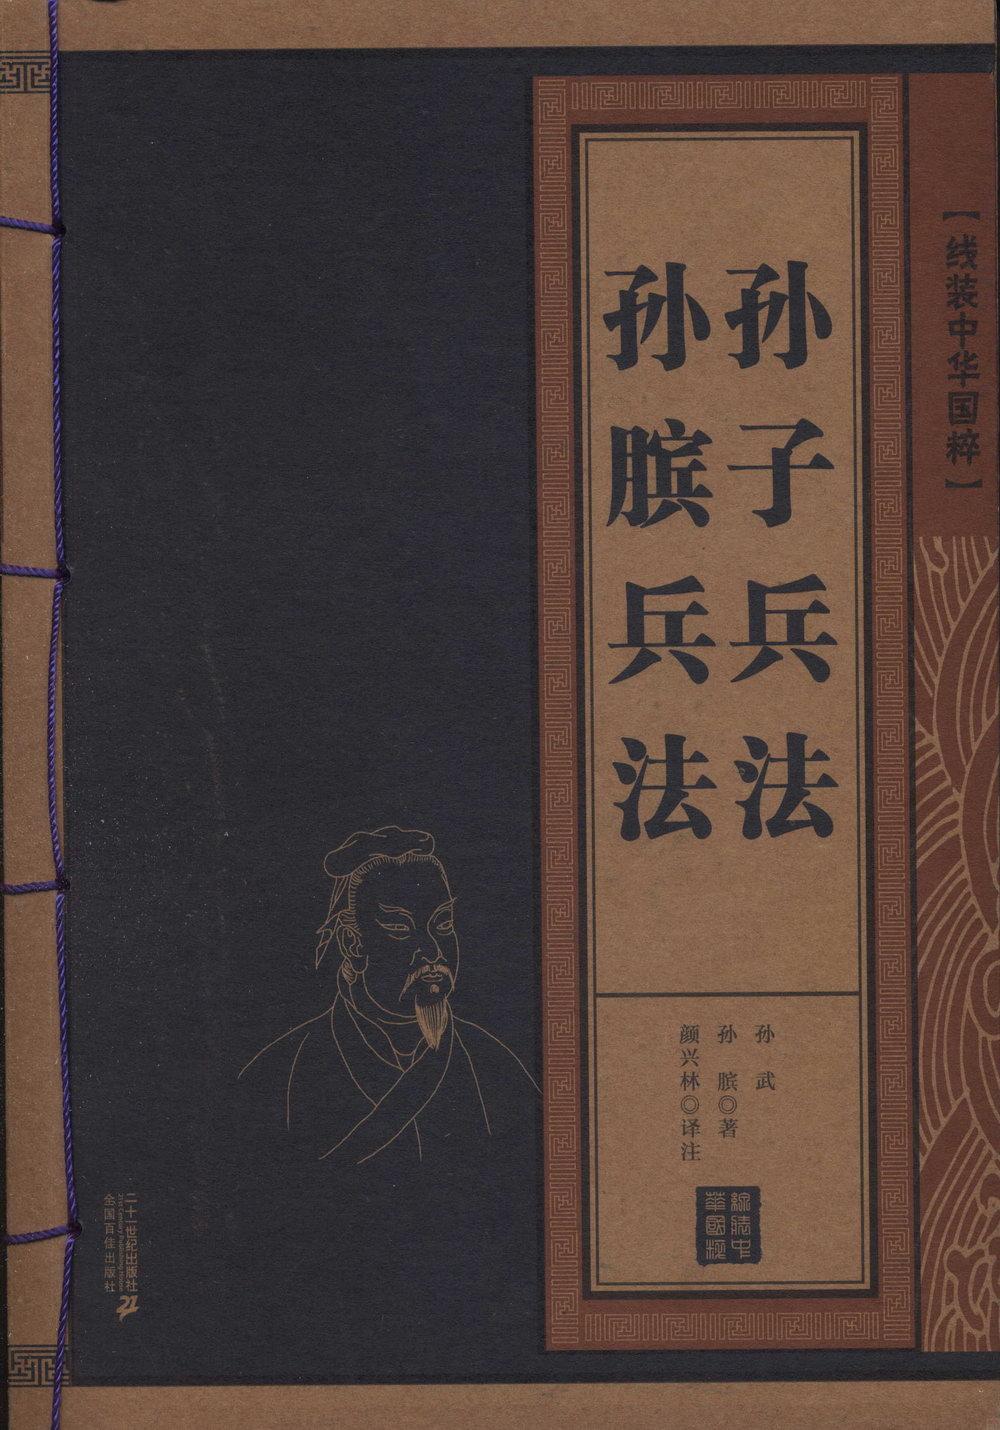 線裝中華國粹系列:孫子兵法、孫臏兵法